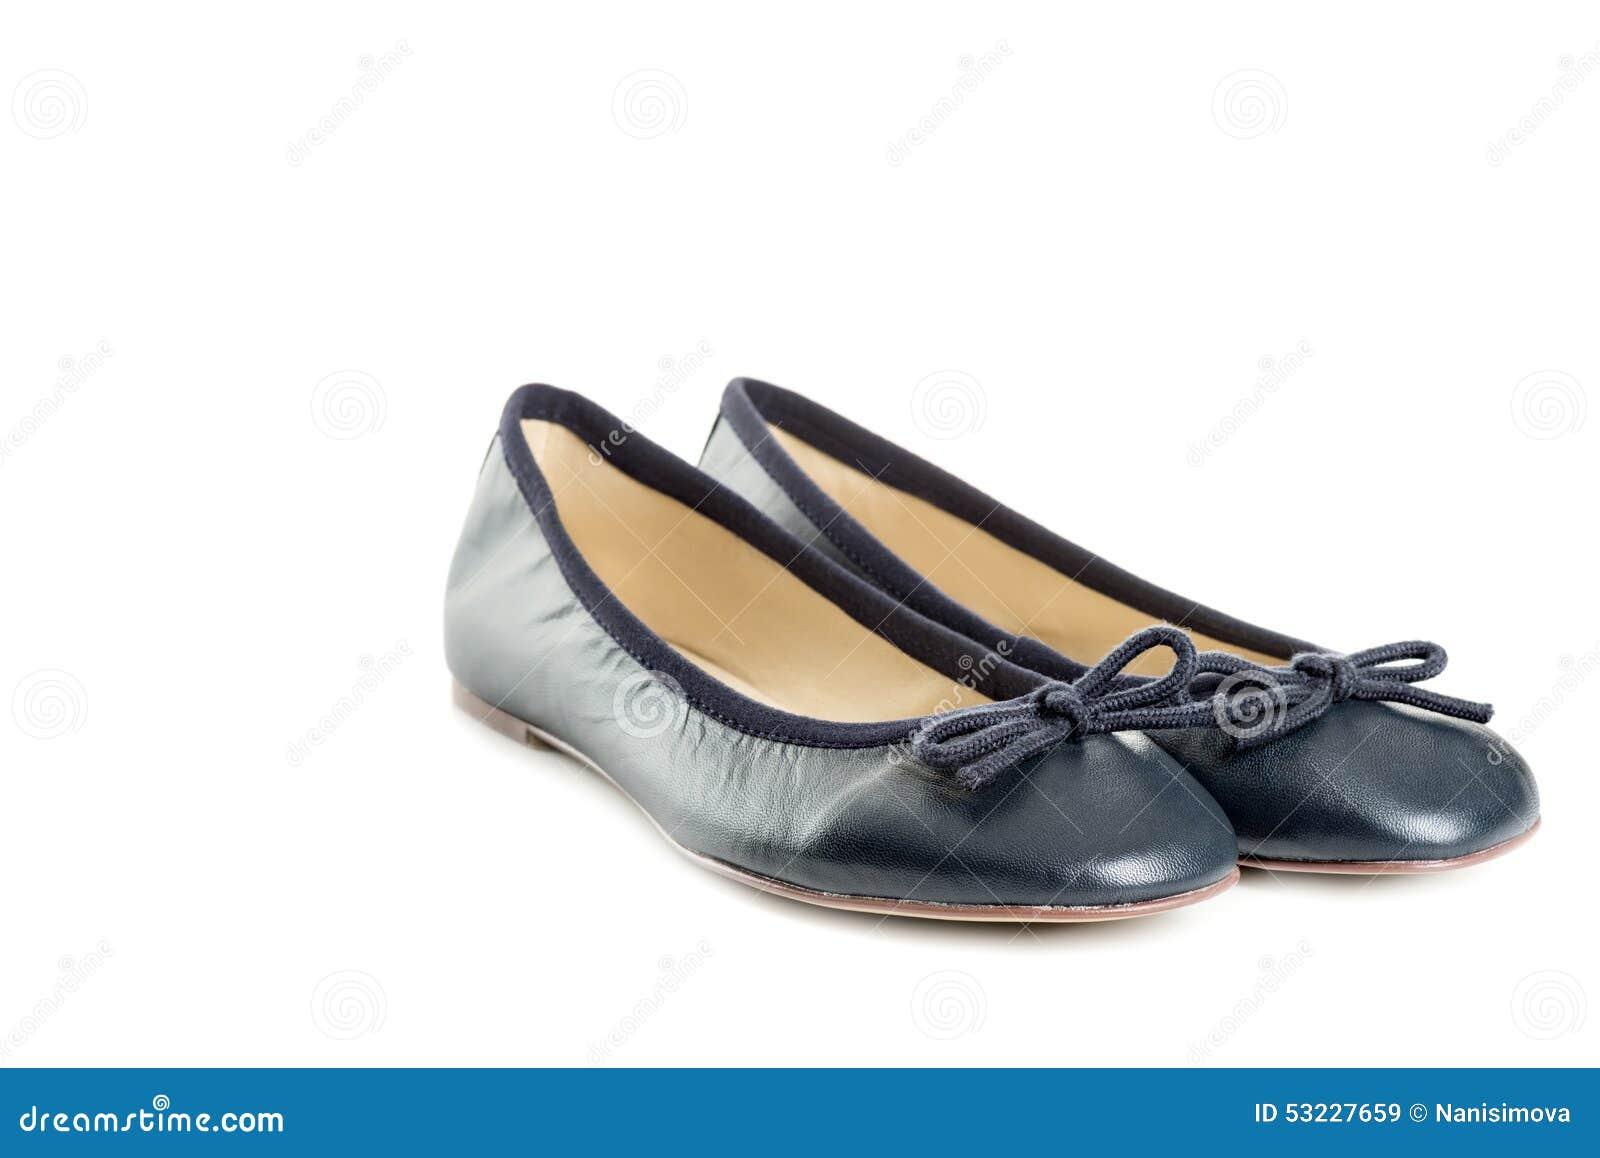 Los pares de zapatos femeninos sobre el fondo blanco dejaron la visión